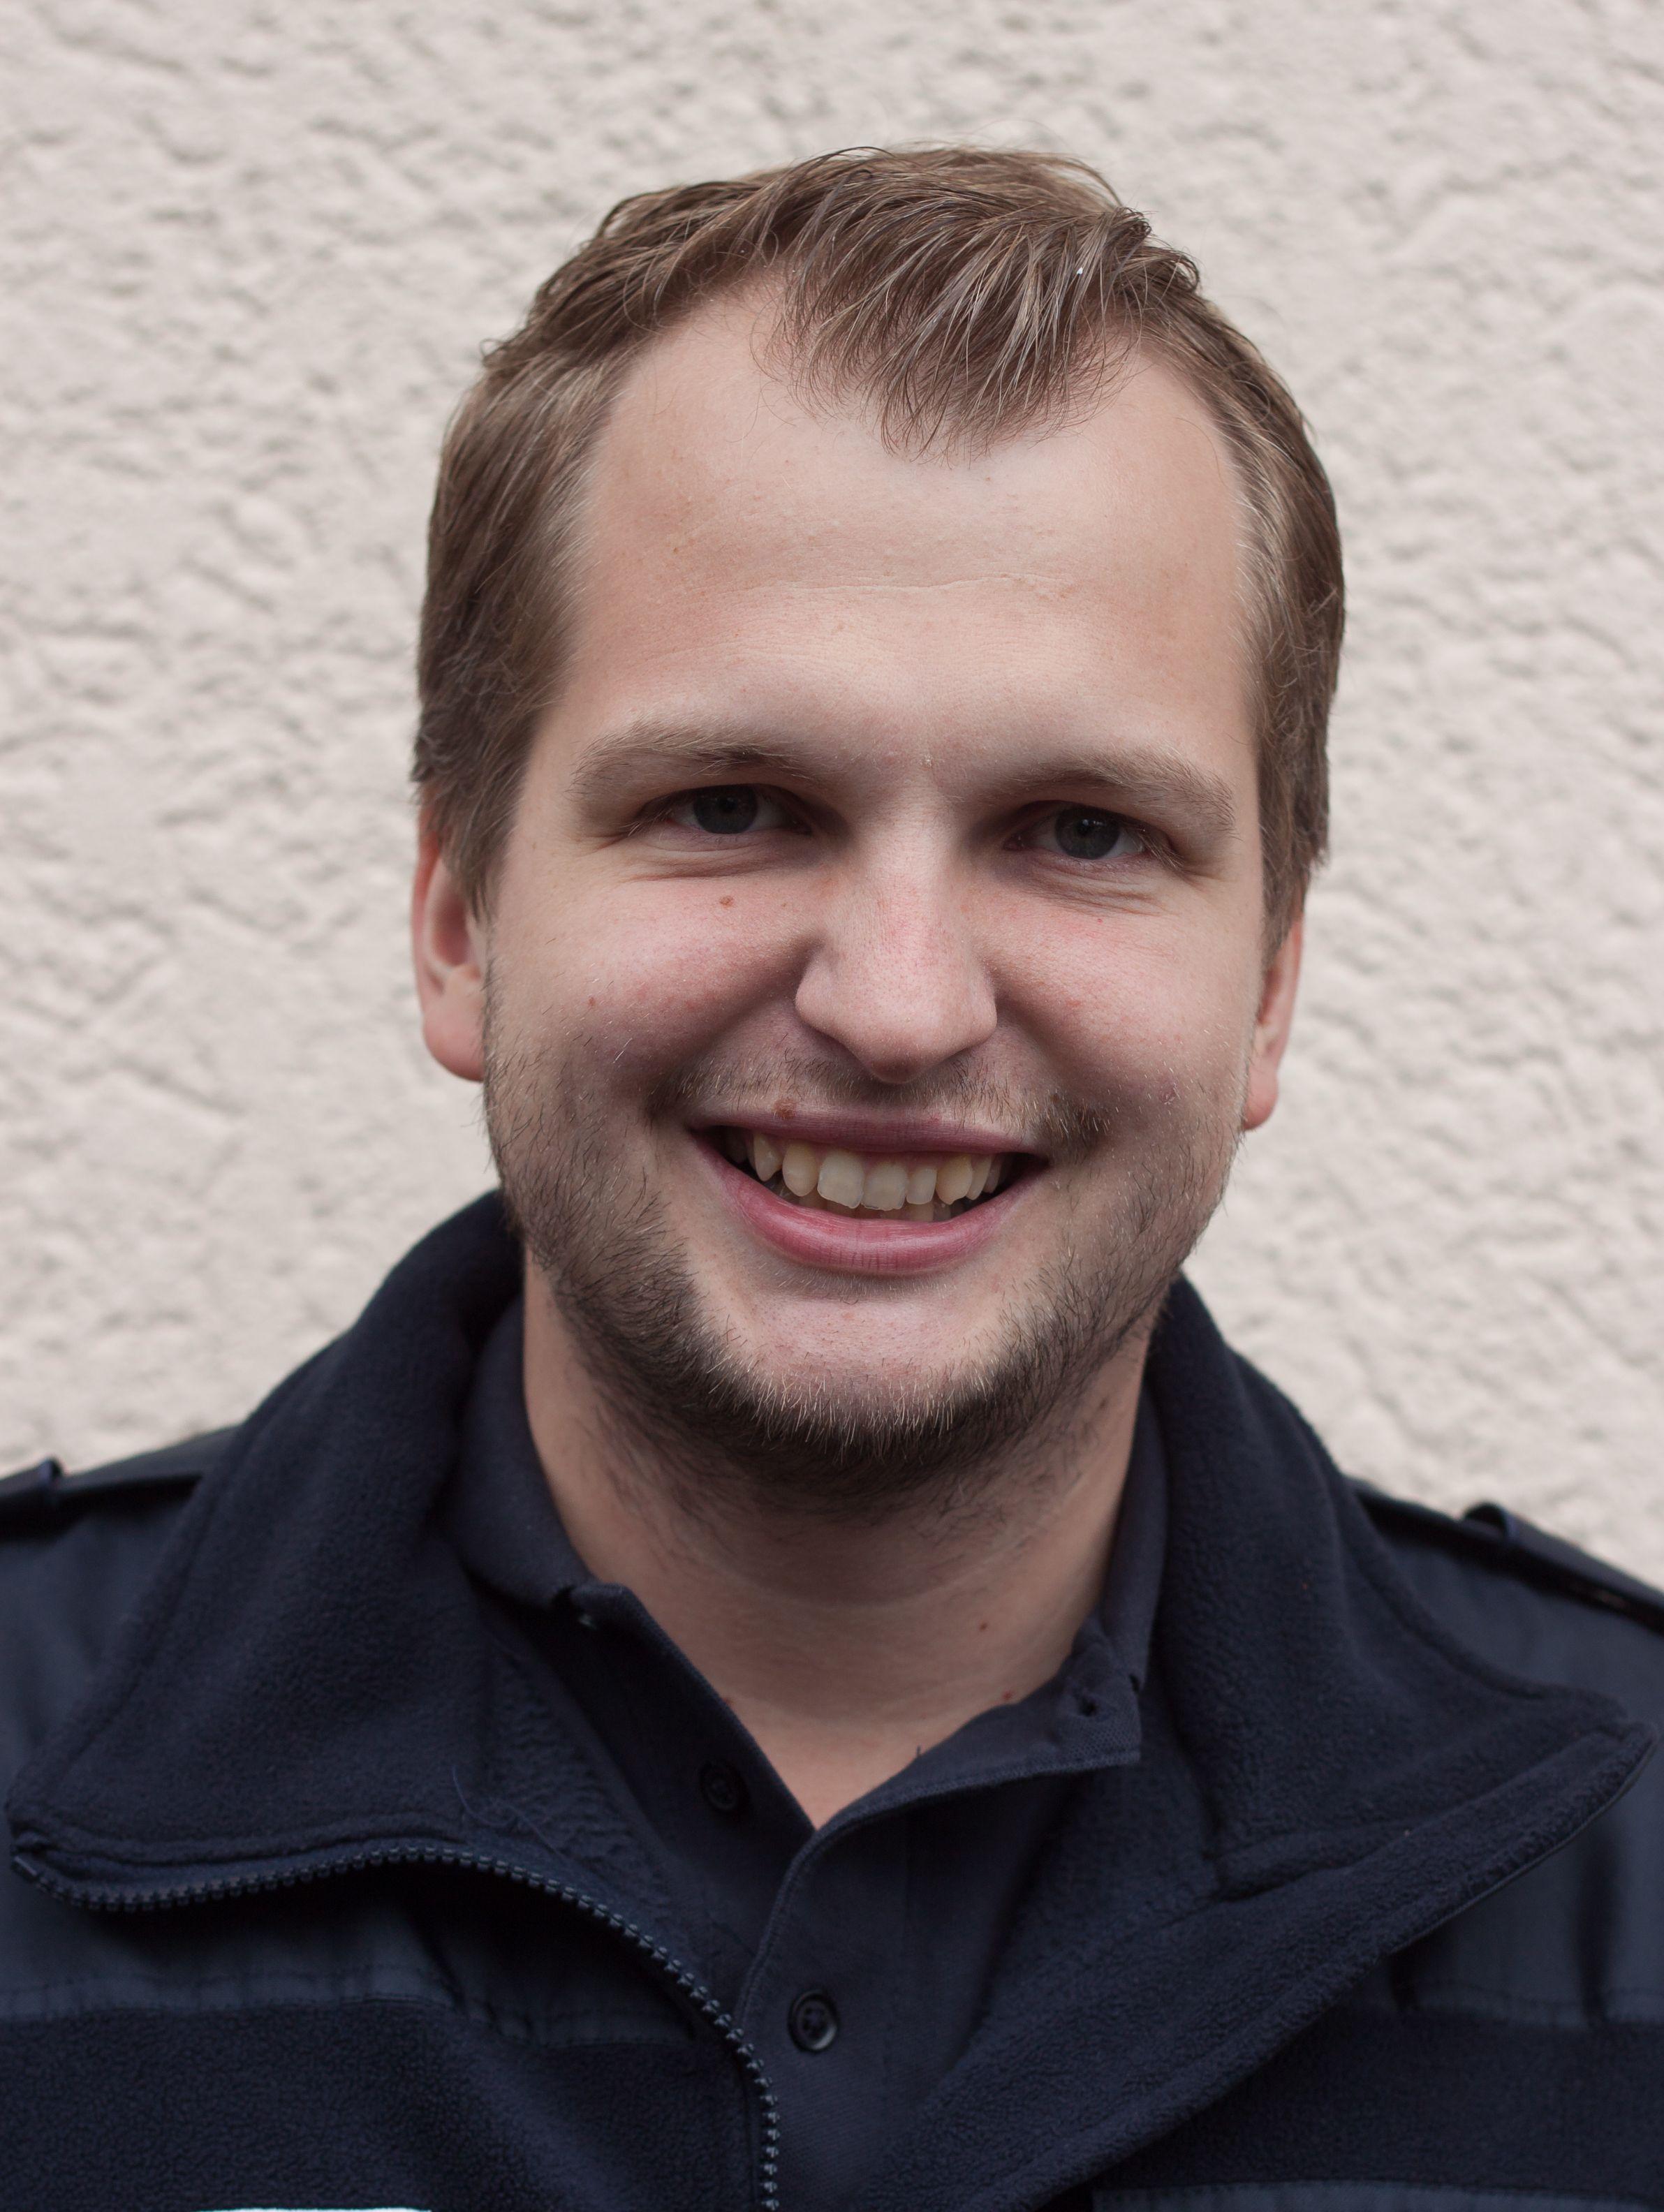 Marco Kempf